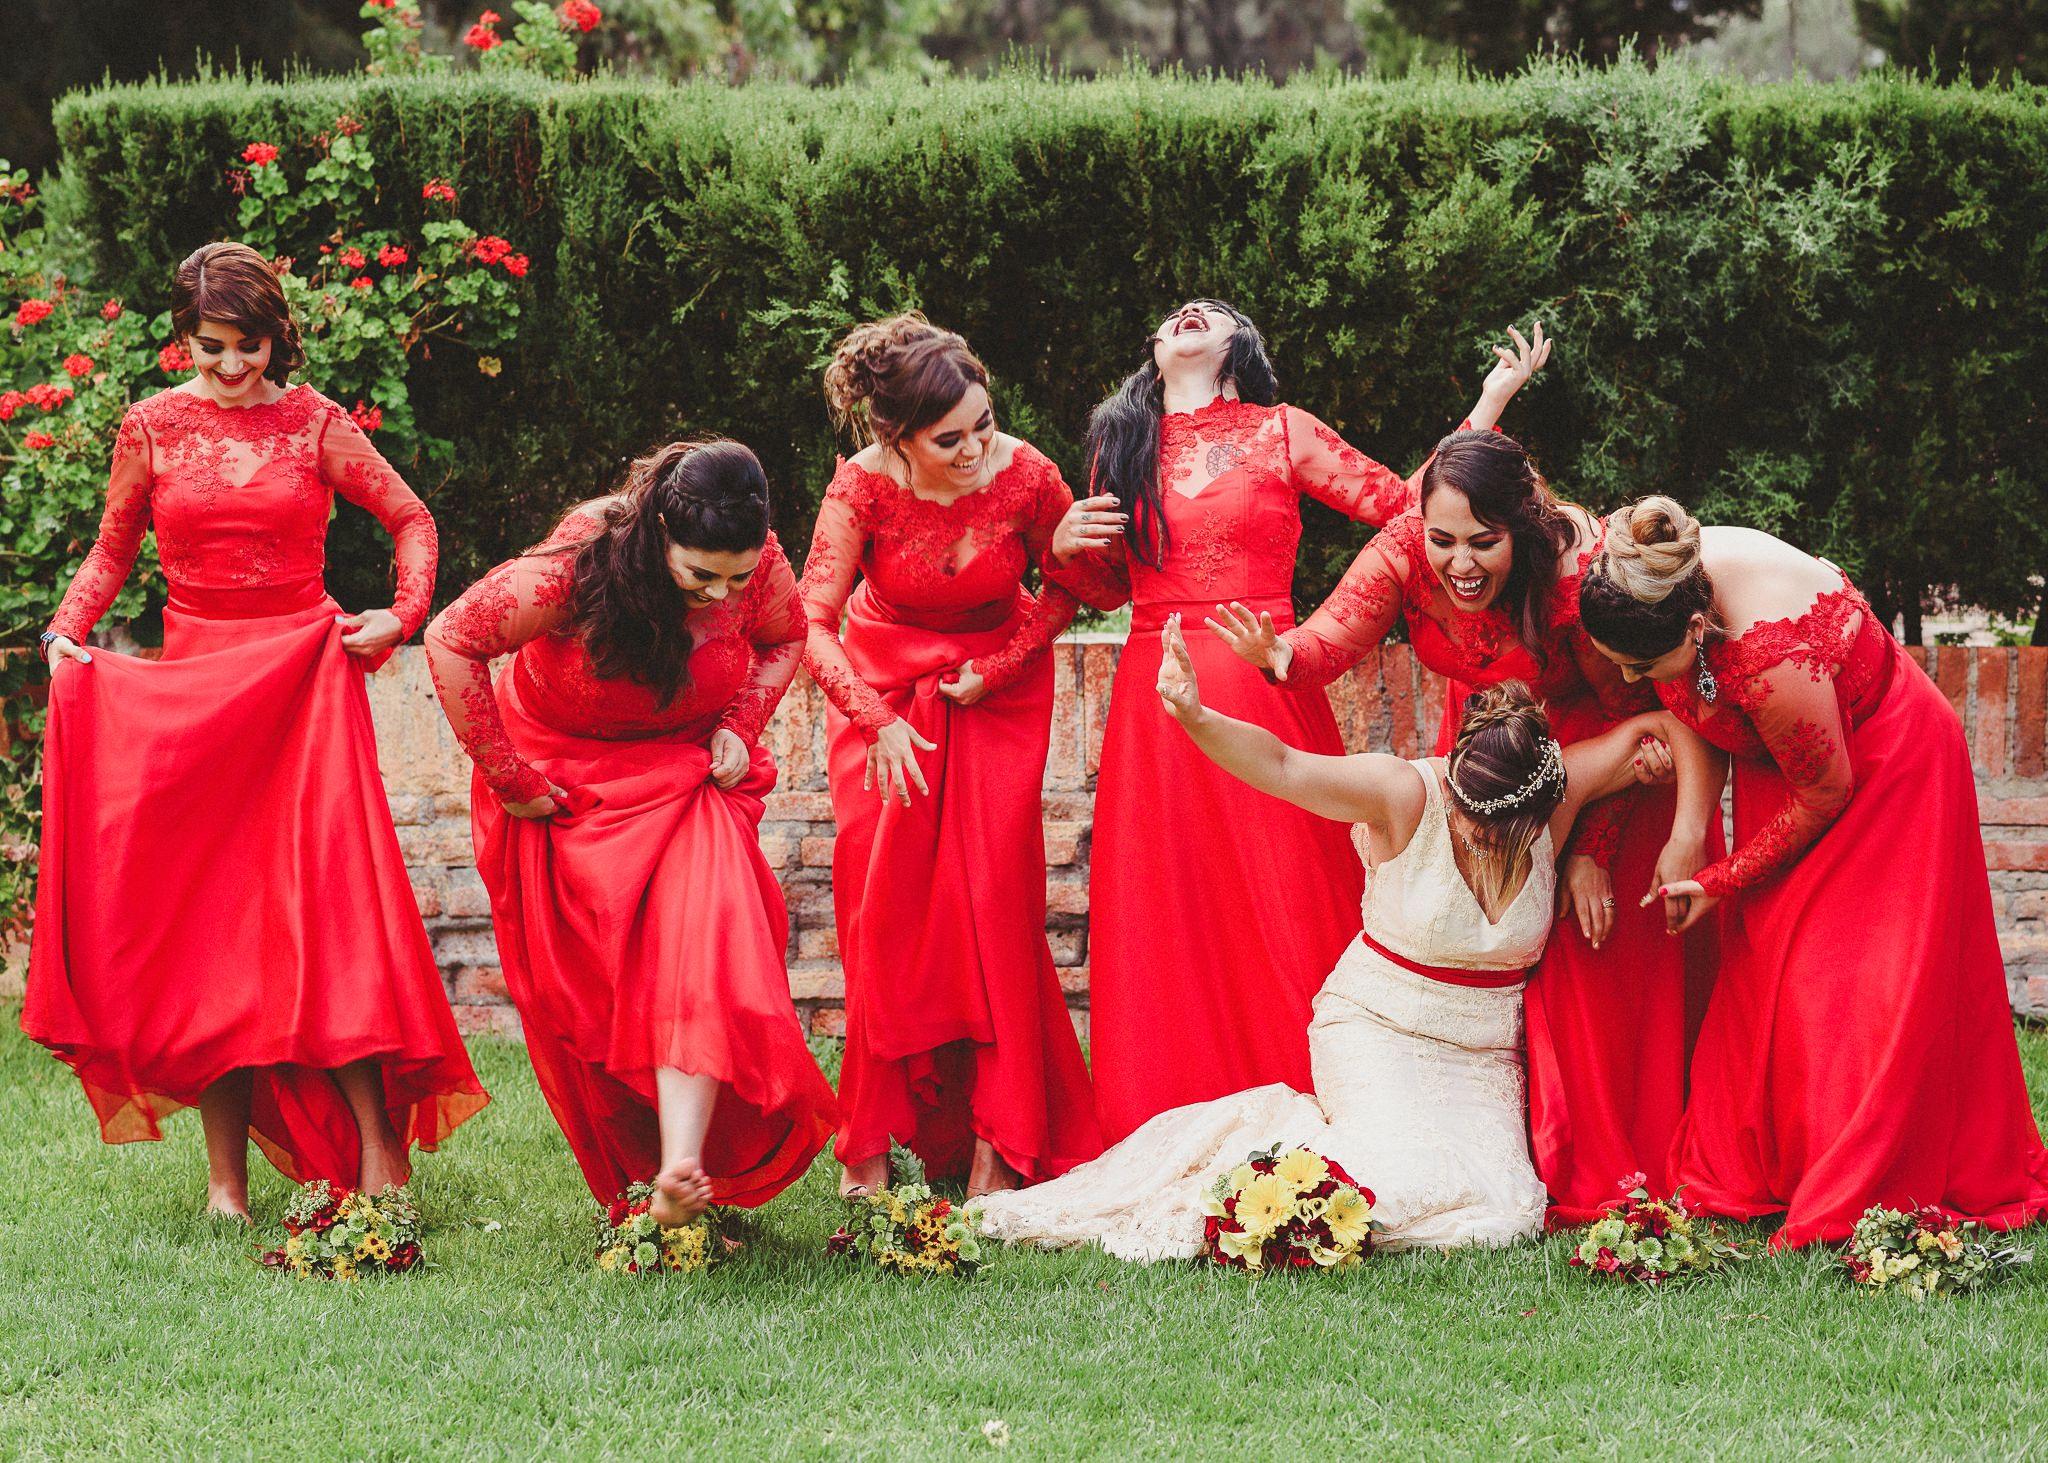 03boda-en-jardin-wedding-hacienda-los-cuartos-fotografo-luis-houdin91